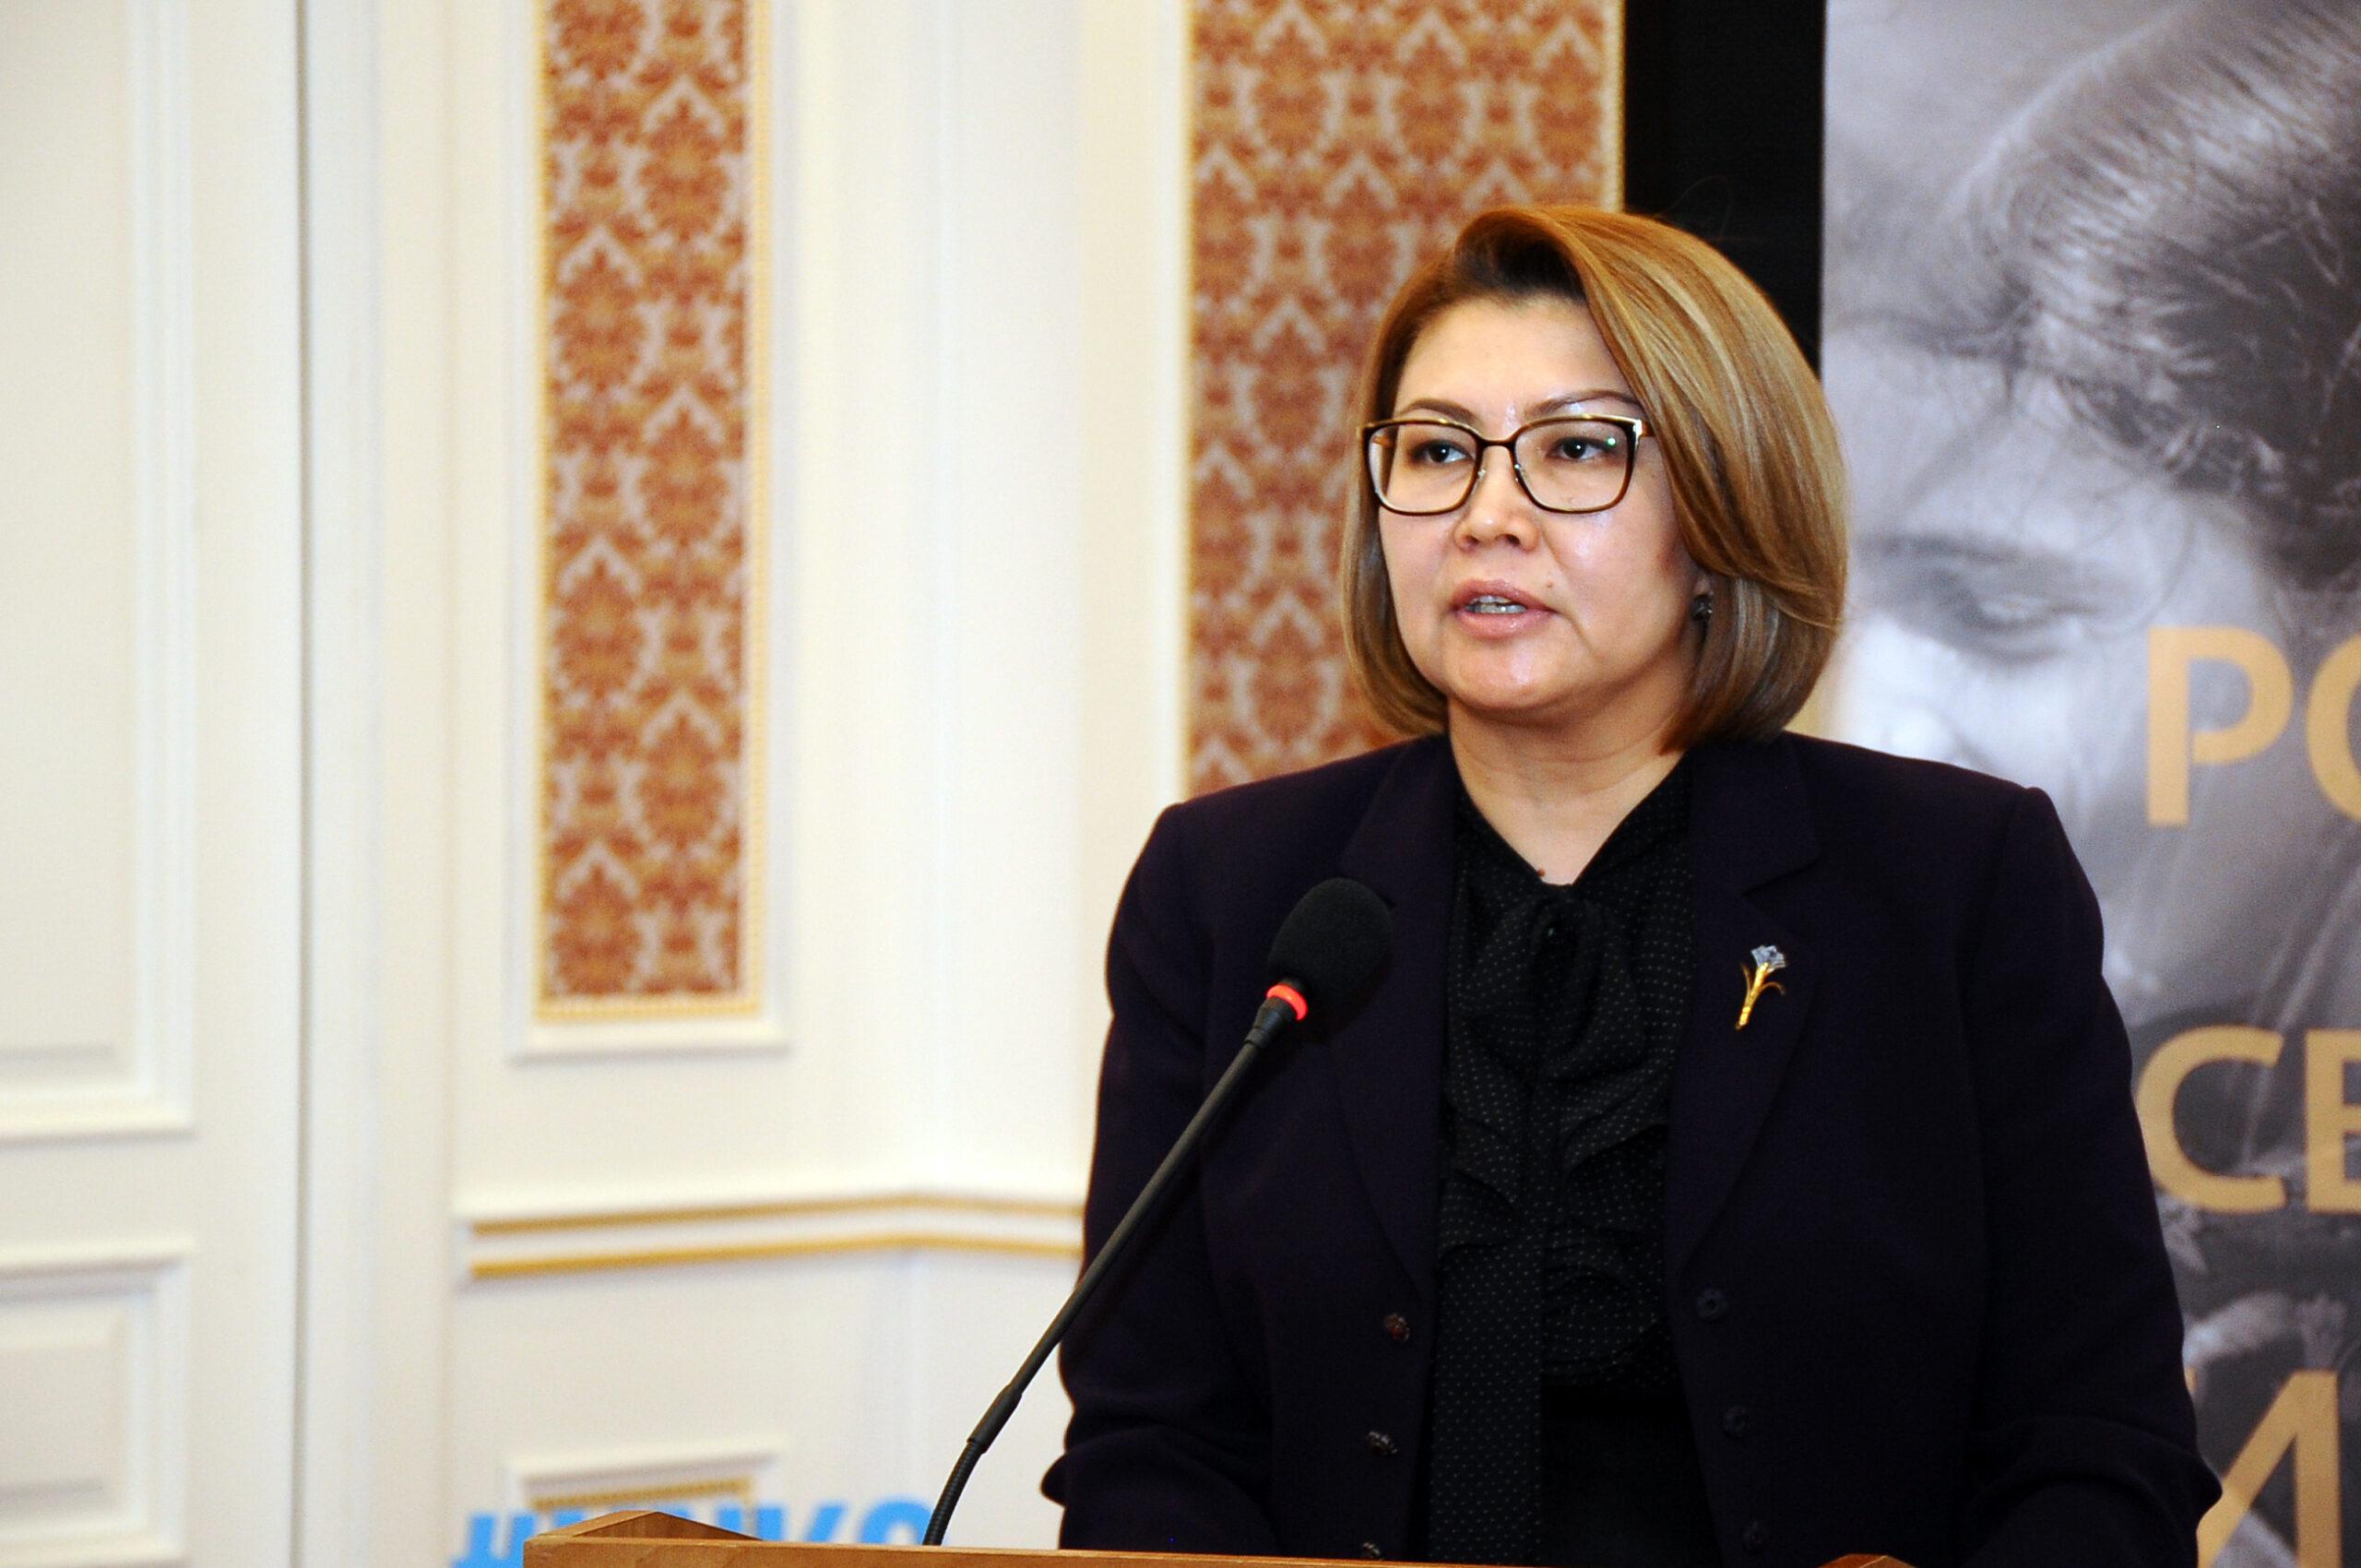 Алтынай Өмүрбекованы Кыргызстан көрсөткөн гуманитардык жардам тууралуу сурады